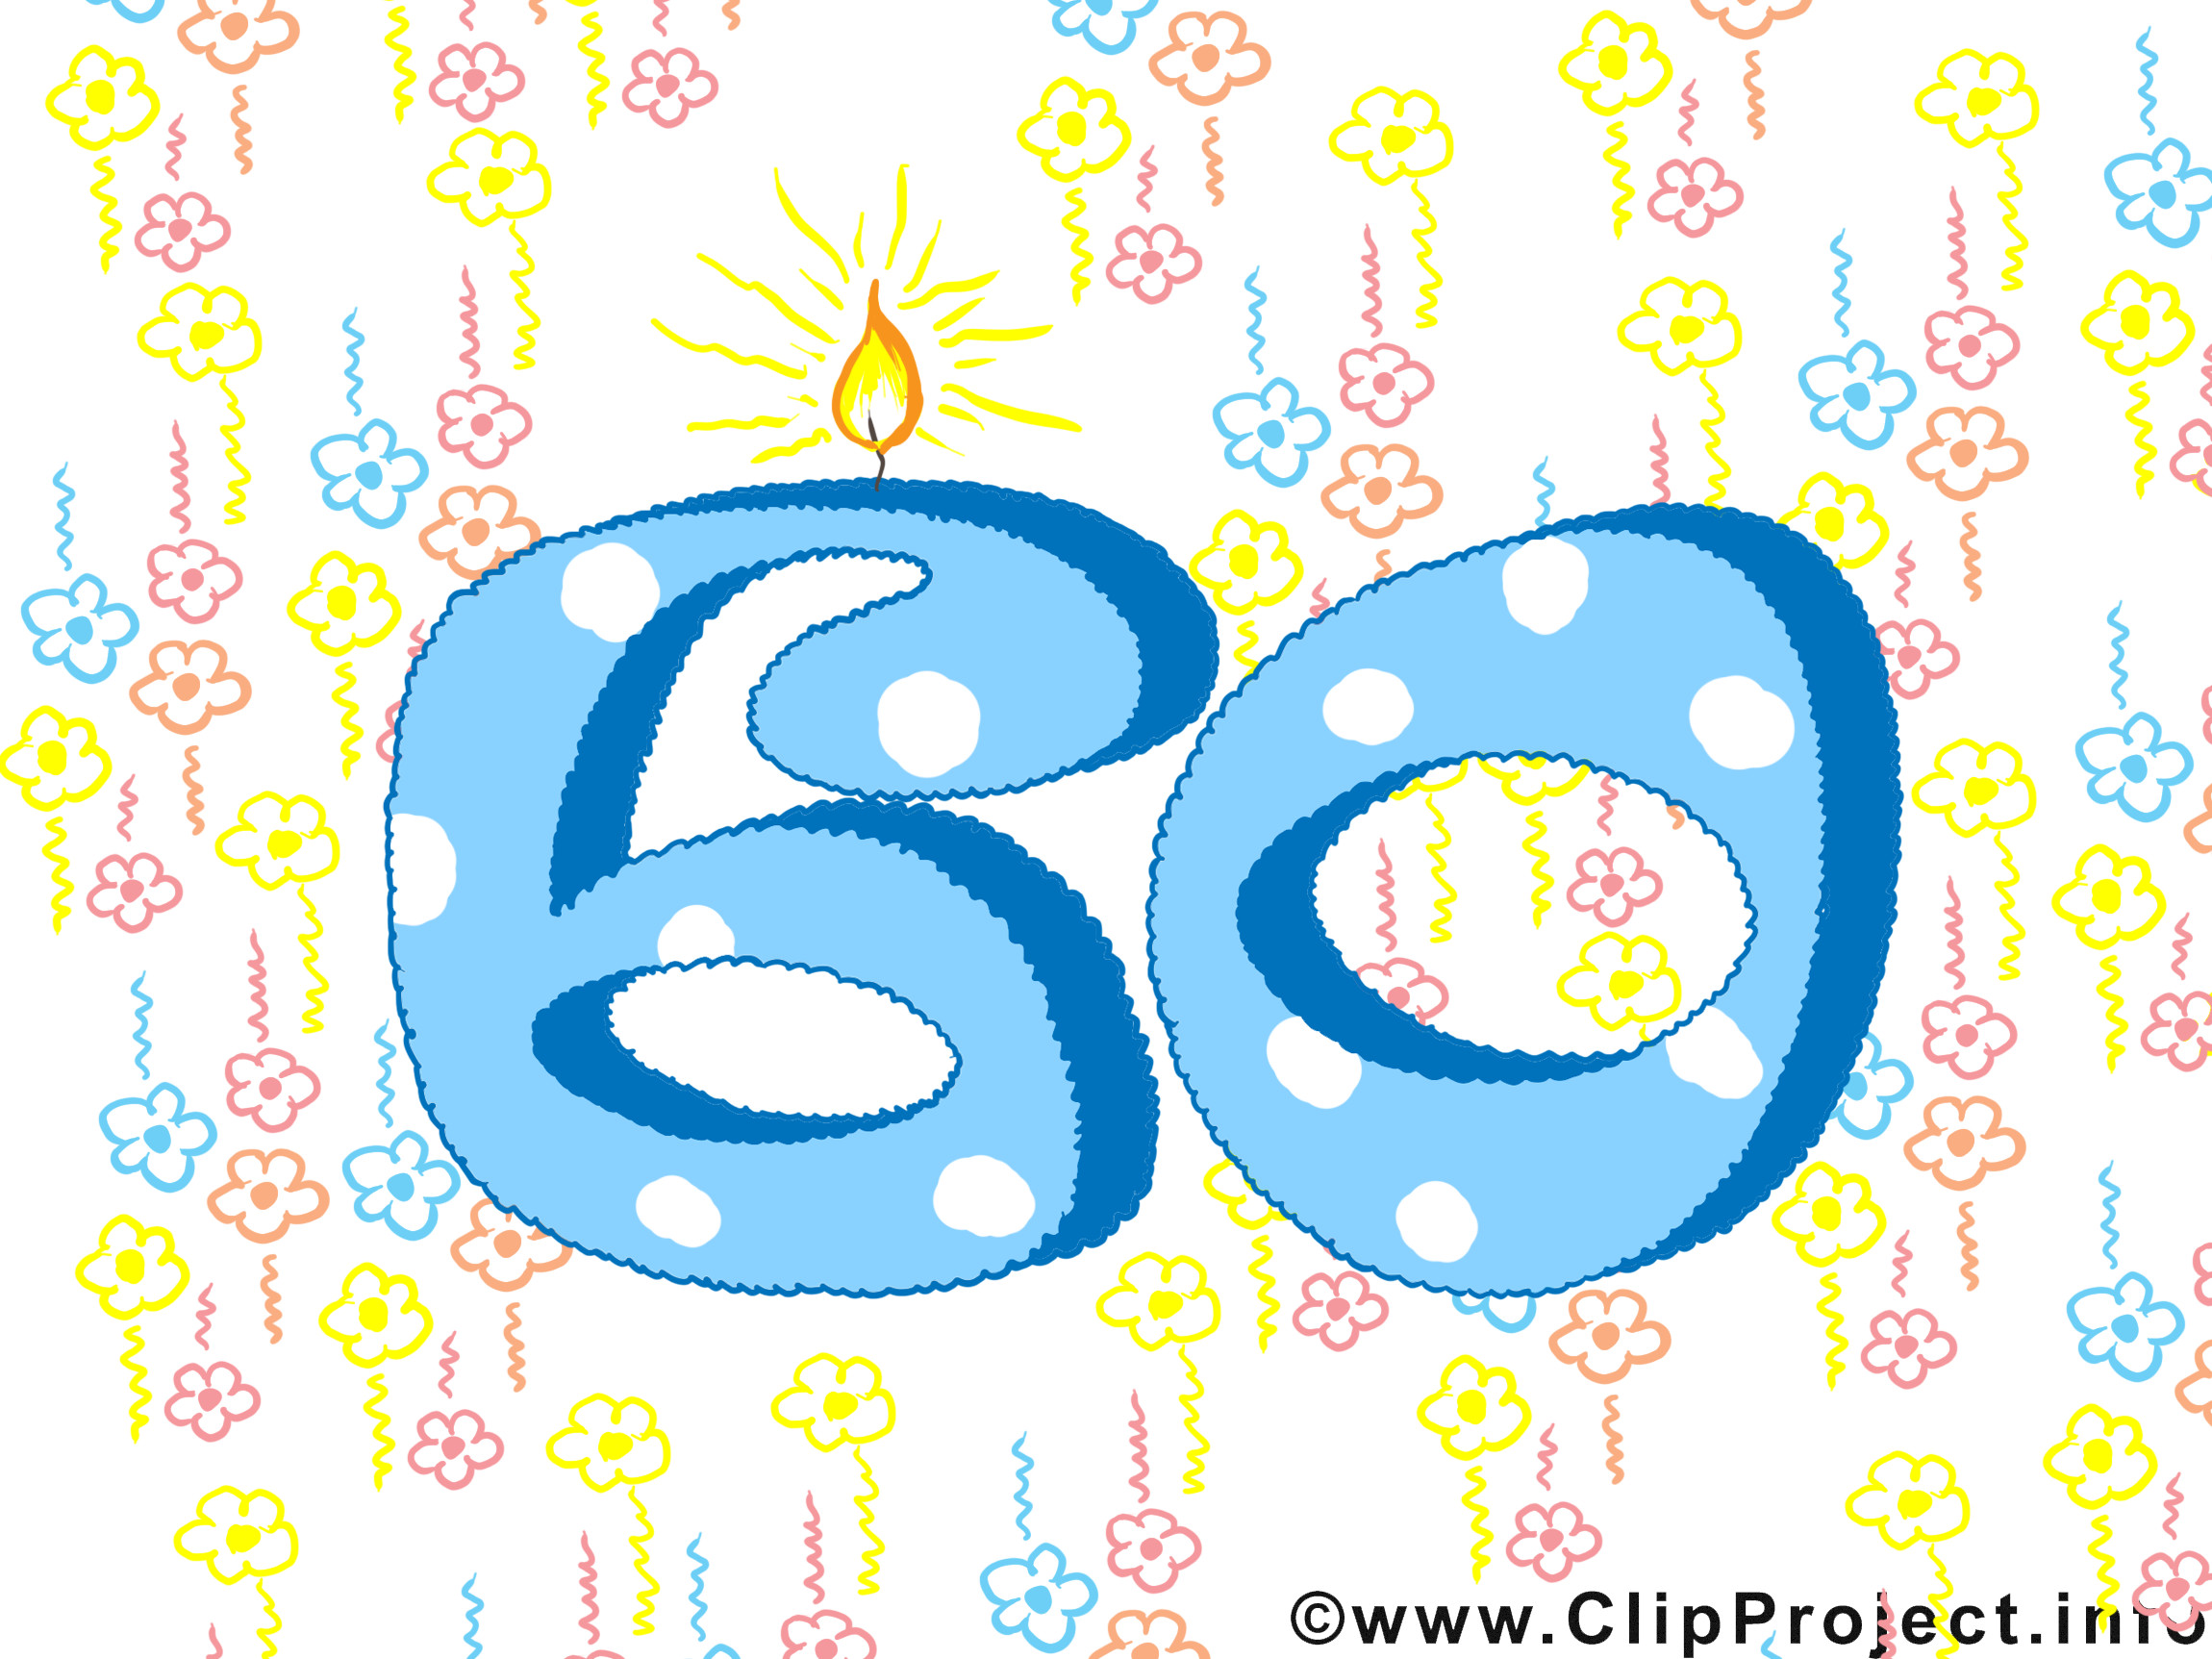 Geburtstagswünsche Zum 60 Geburtstag  Geburtstagswünsche zum 60 Glückwunschkarte gratis